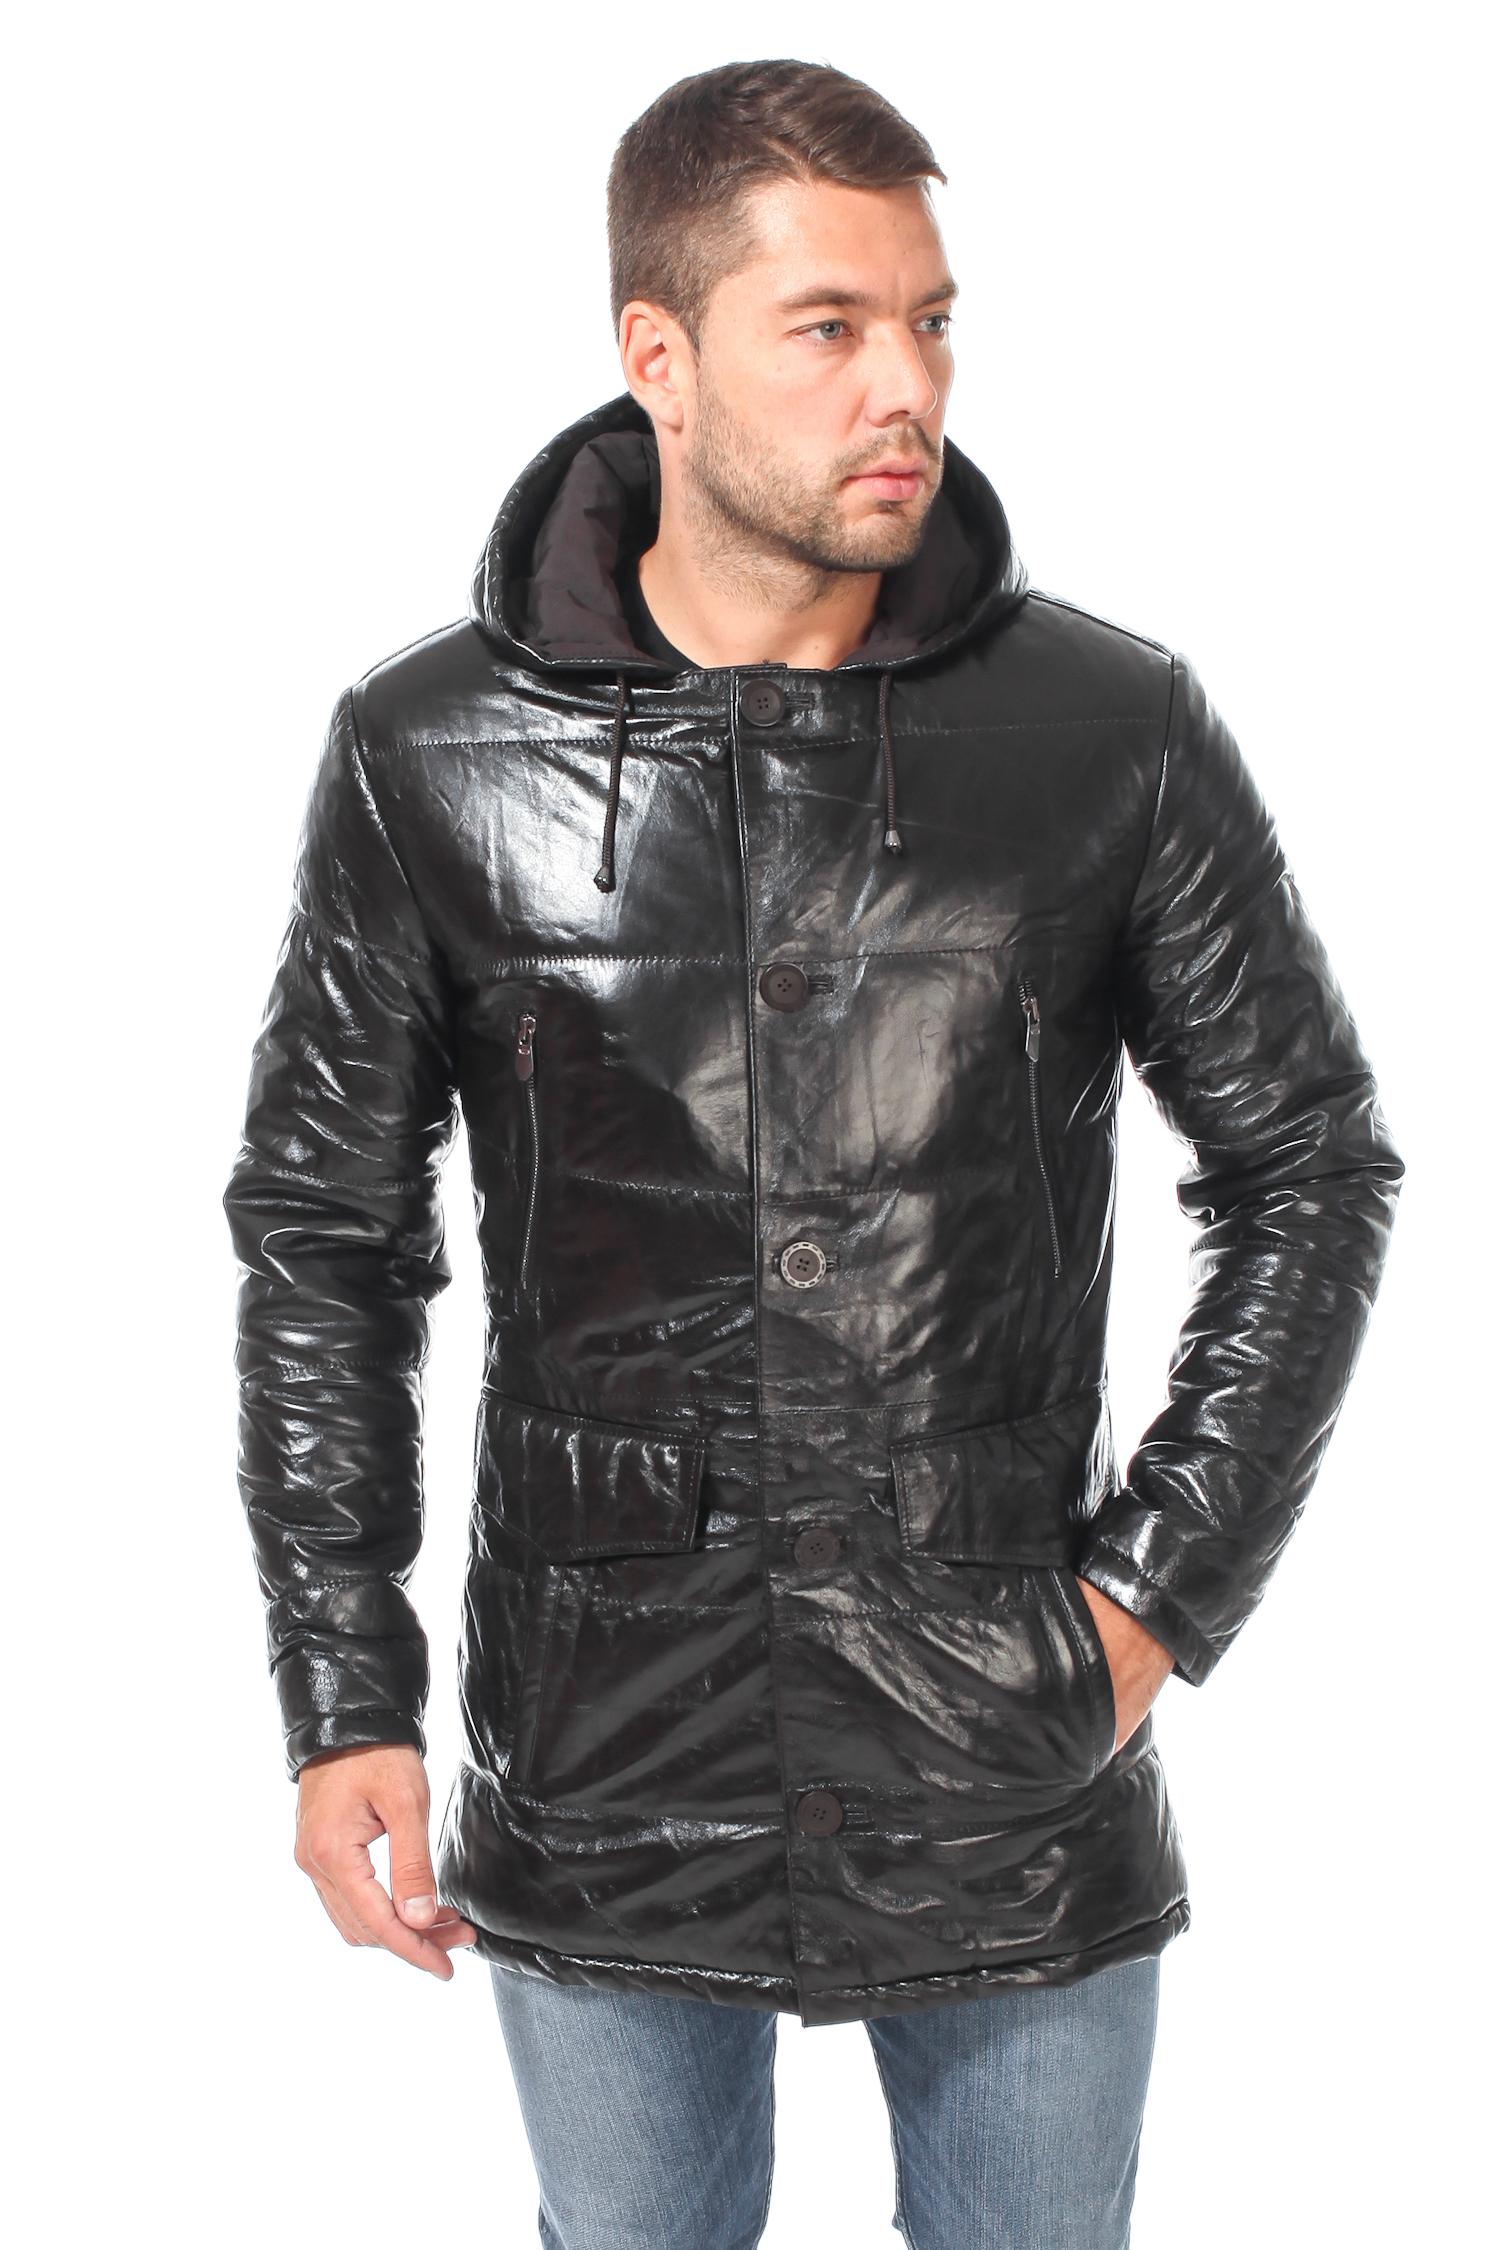 Мужская кожаная куртка из натуральной кожи с капюшоном, без отделки